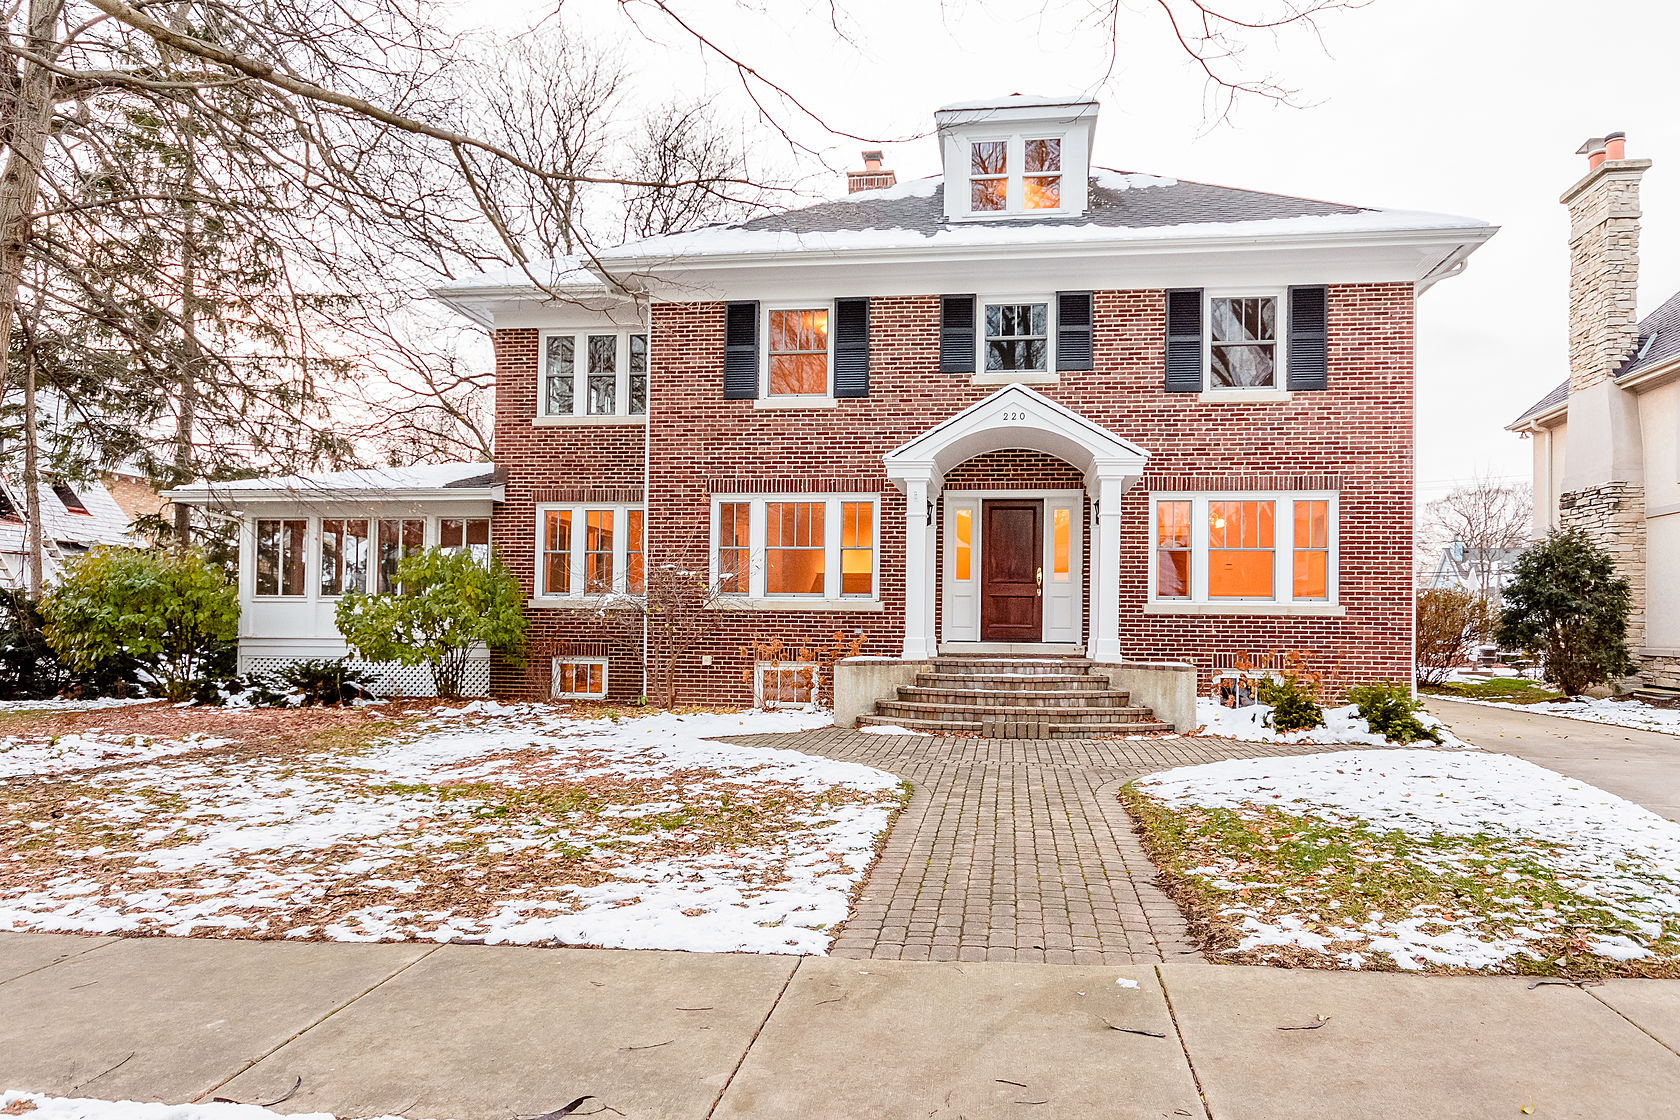 Casa Unifamiliar por un Venta en 220 N Lincoln 220 N. Lincoln Hinsdale, Illinois, 60521 Estados Unidos